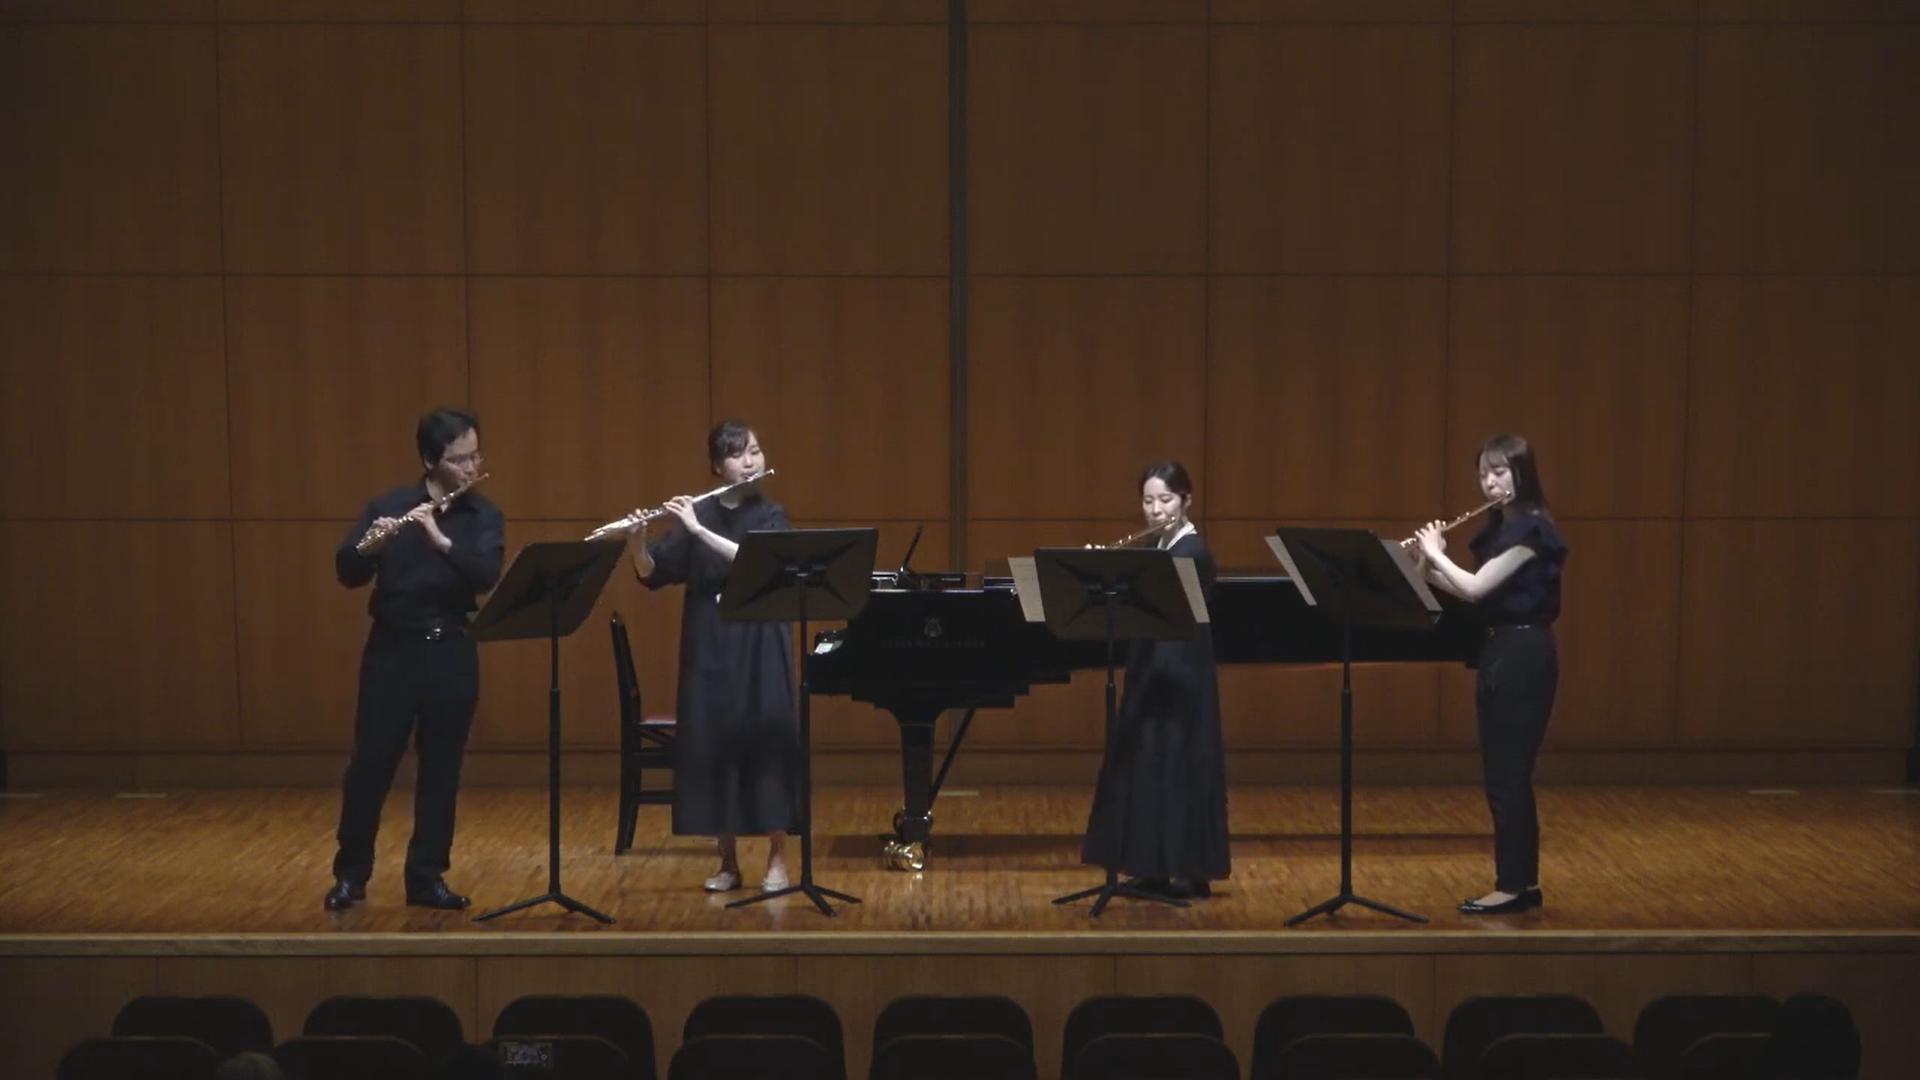 仙台フィル首席奏者戸田敦氏と、若手フルーティストによるフルートカルテットの演奏です。